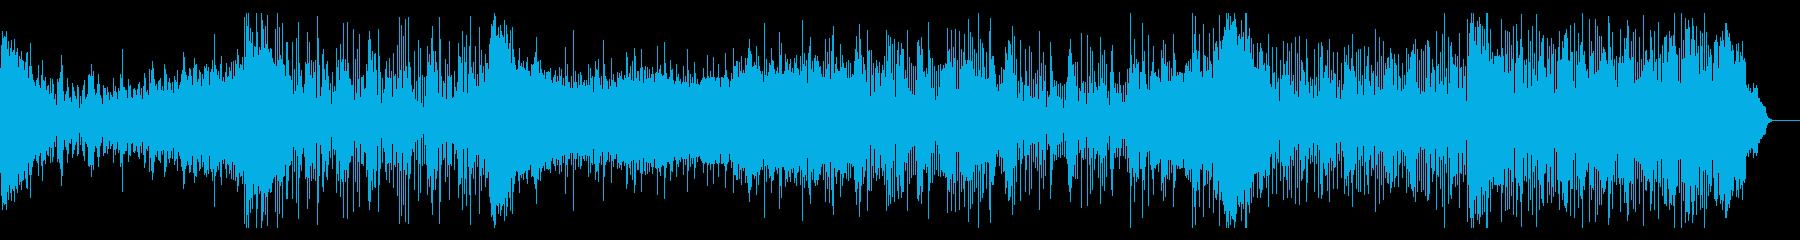 シネマティックなショートトレーラーの再生済みの波形